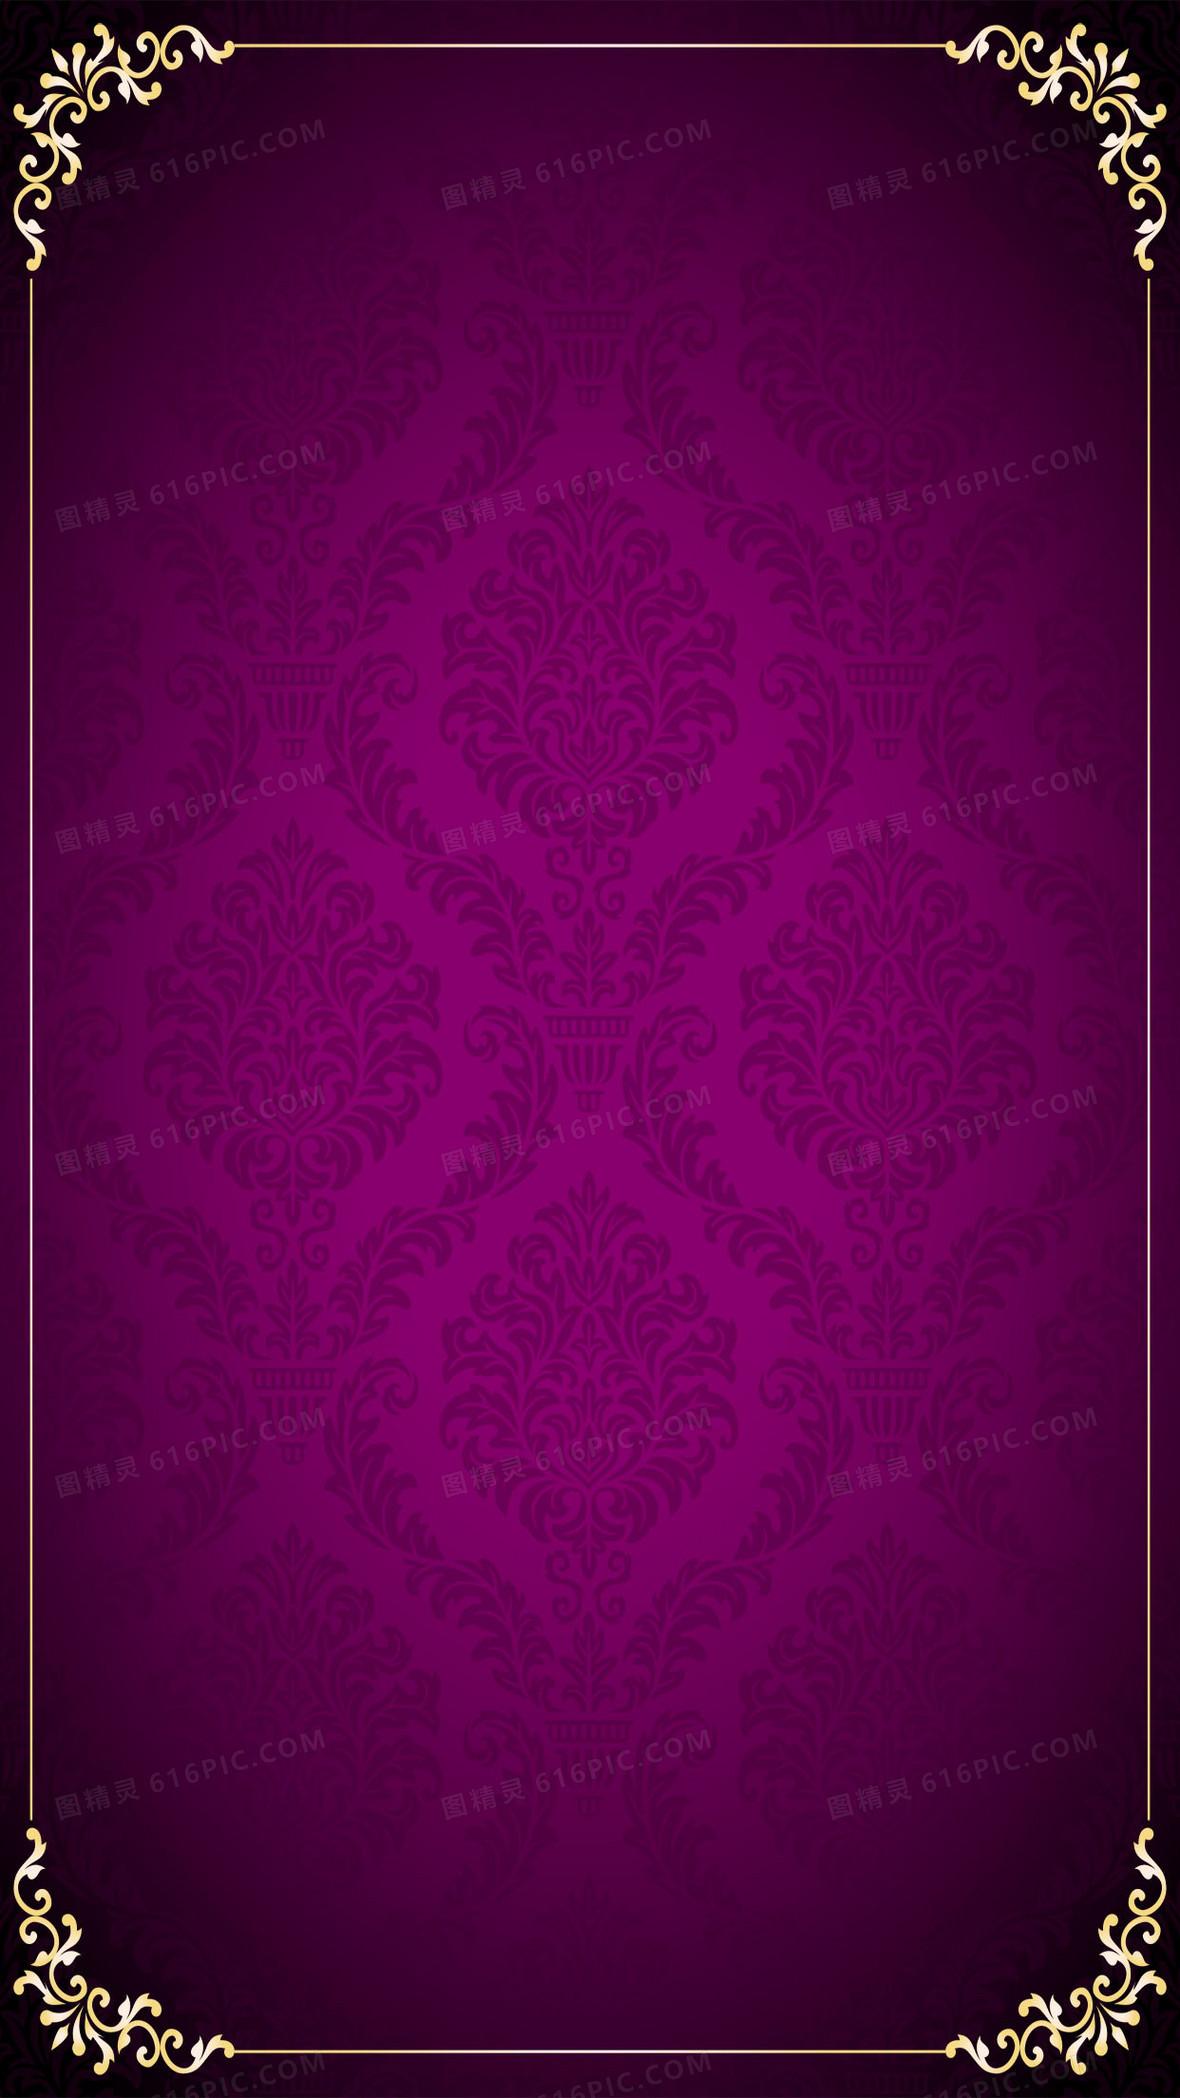 紫色花纹边框h5背景